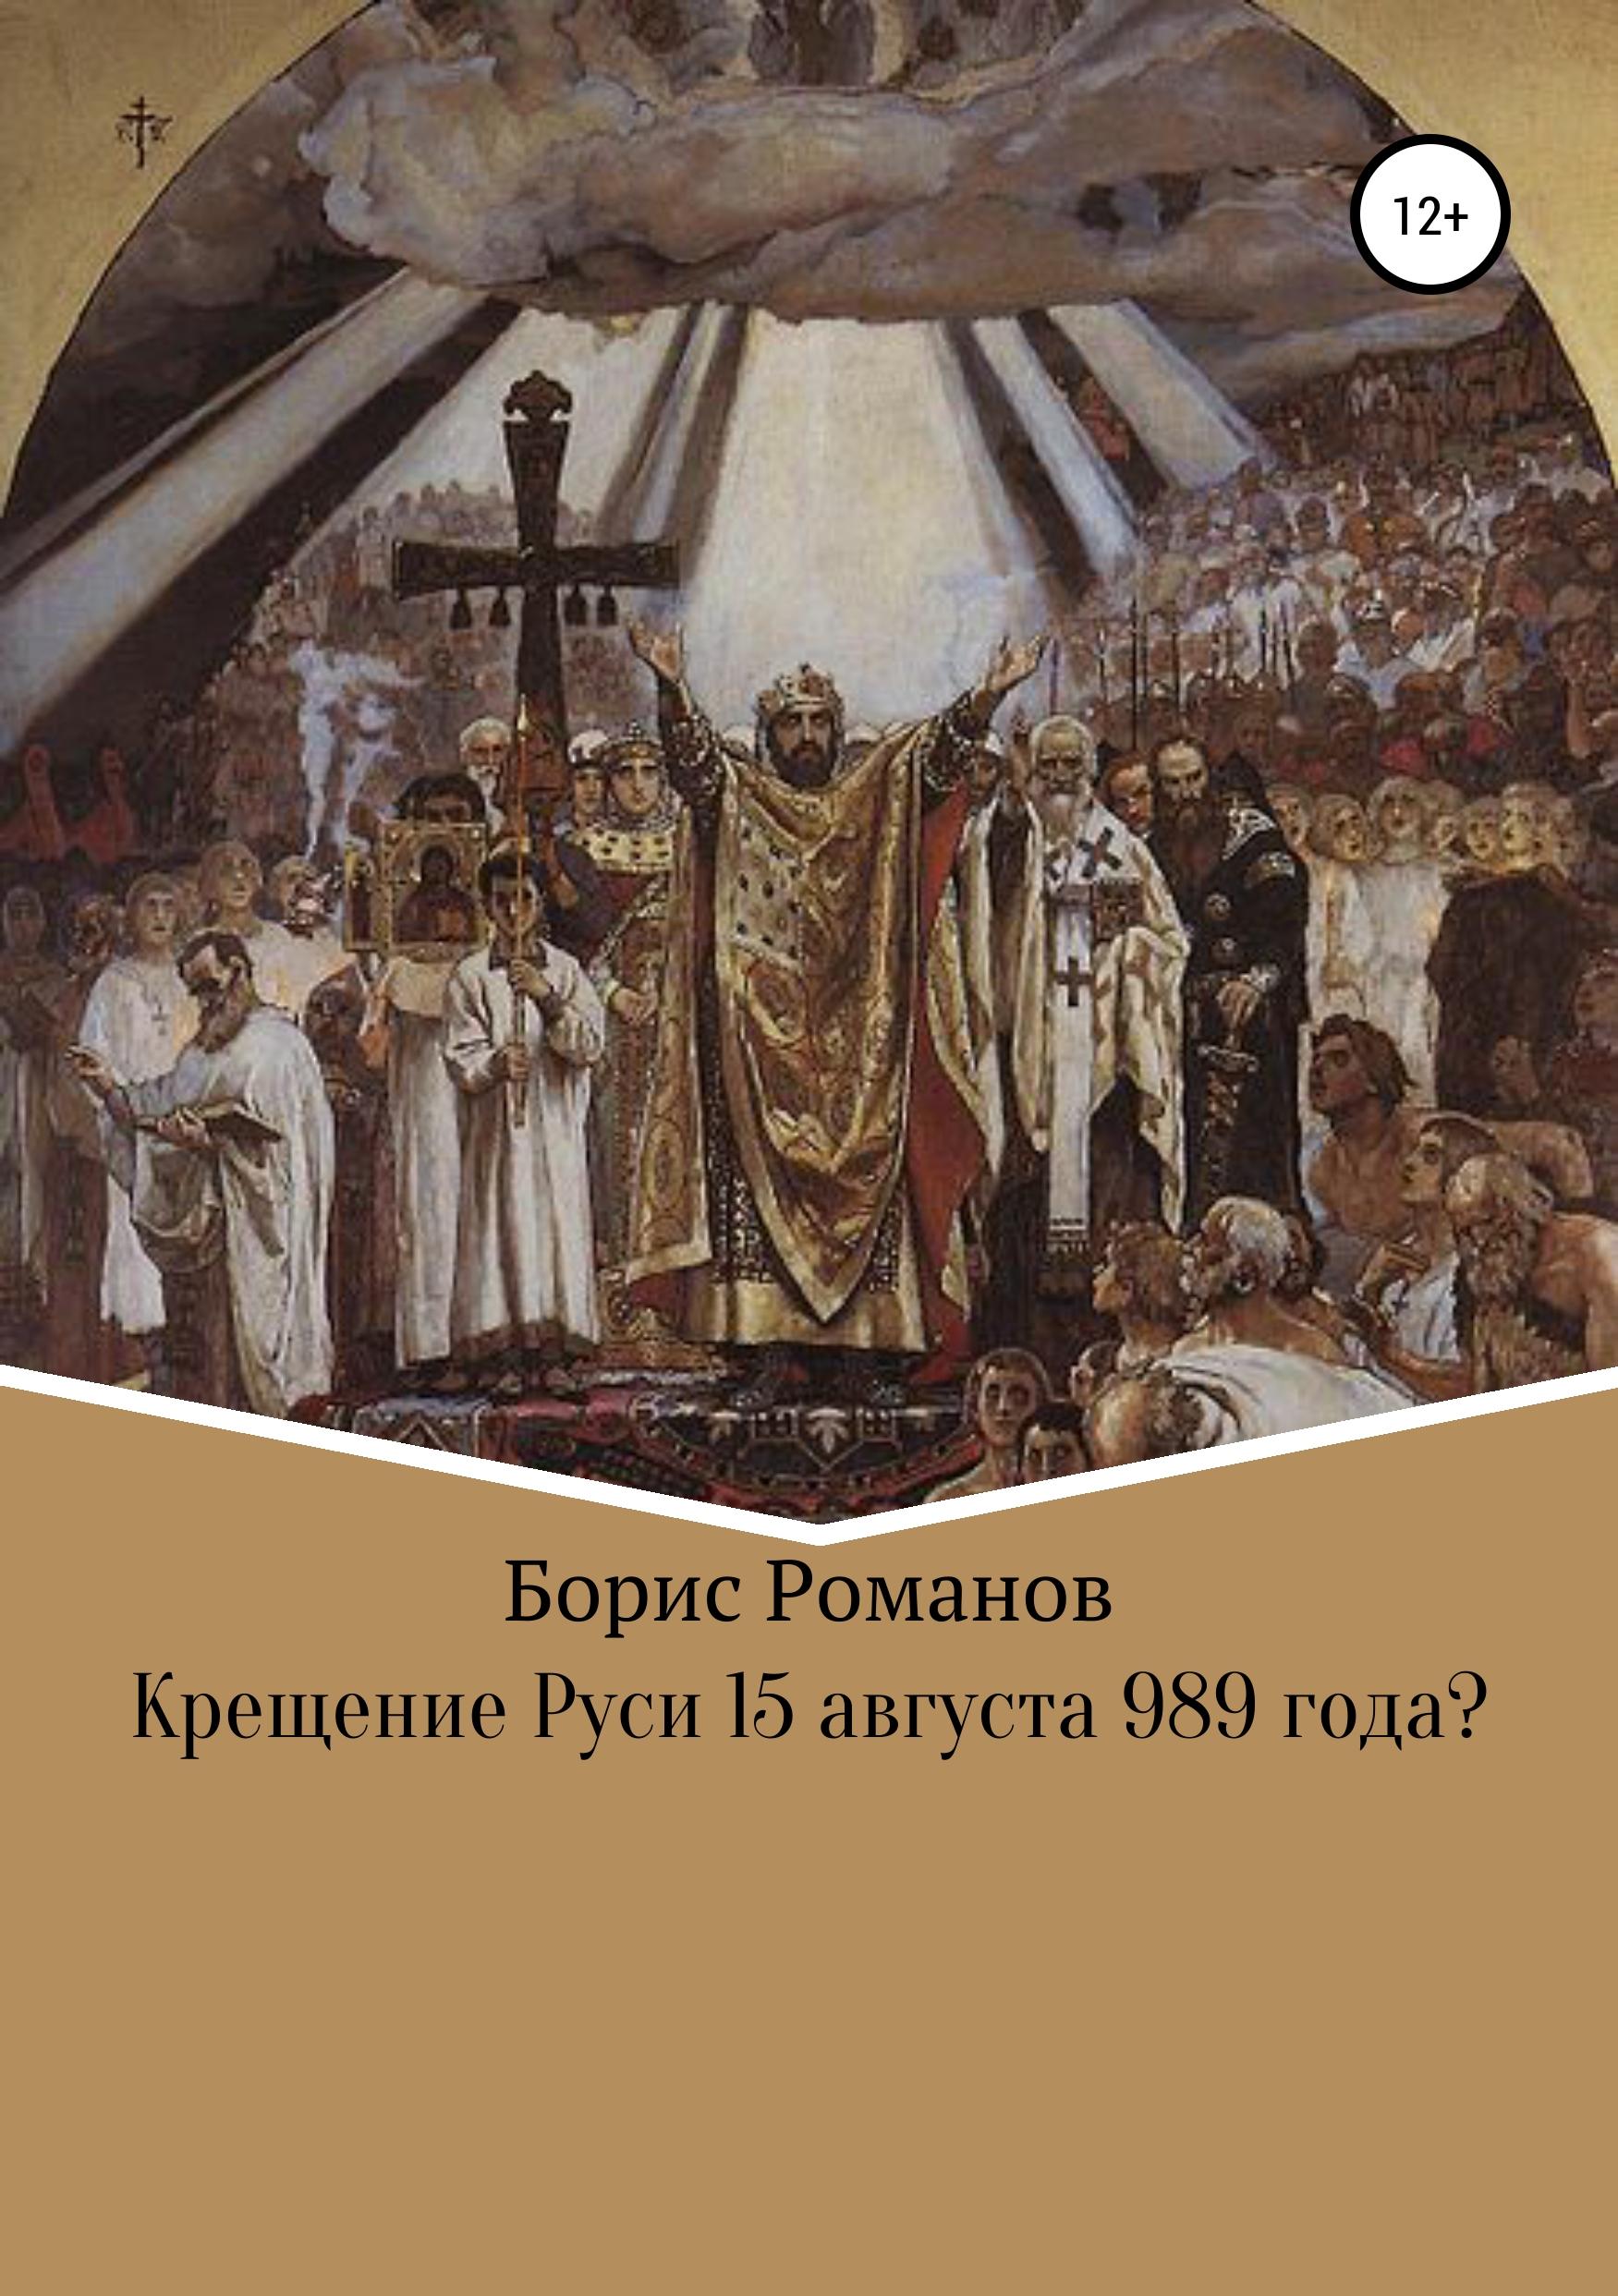 Борис Романов Крещение Руси 15 августа 989 года? электротовары дубна